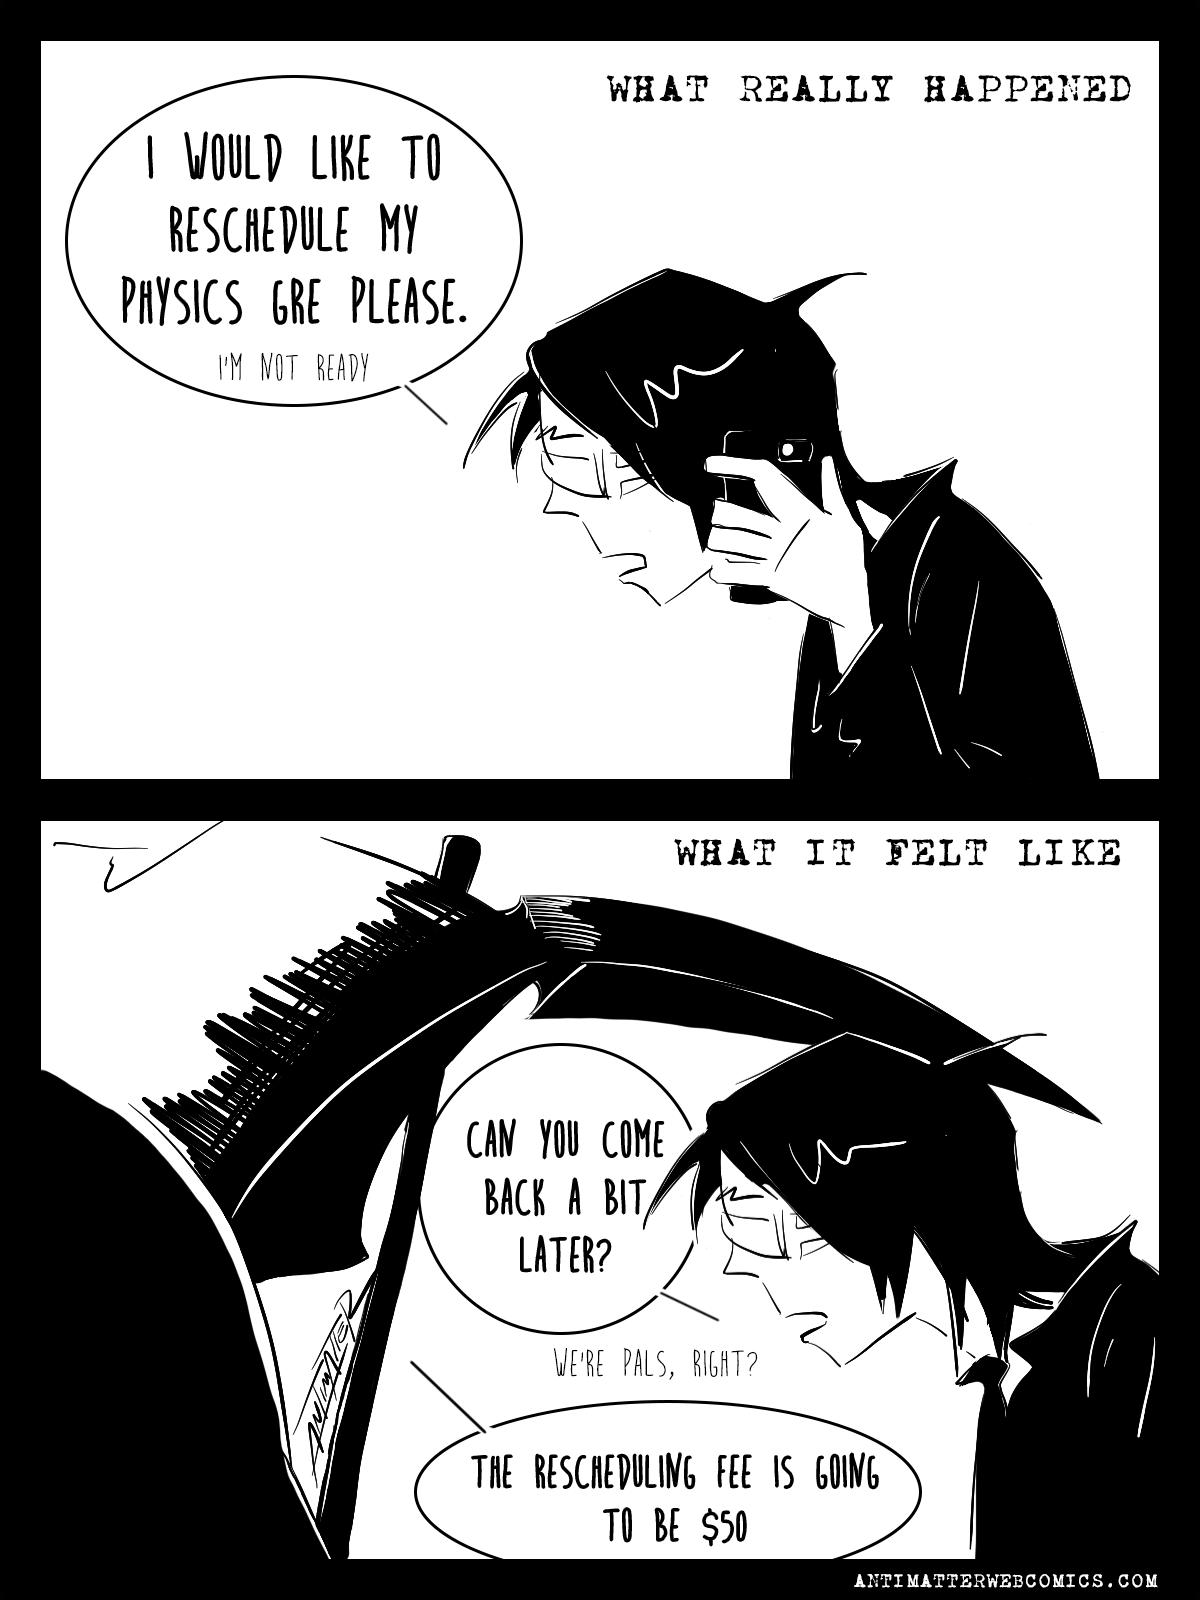 The GRE Reaper